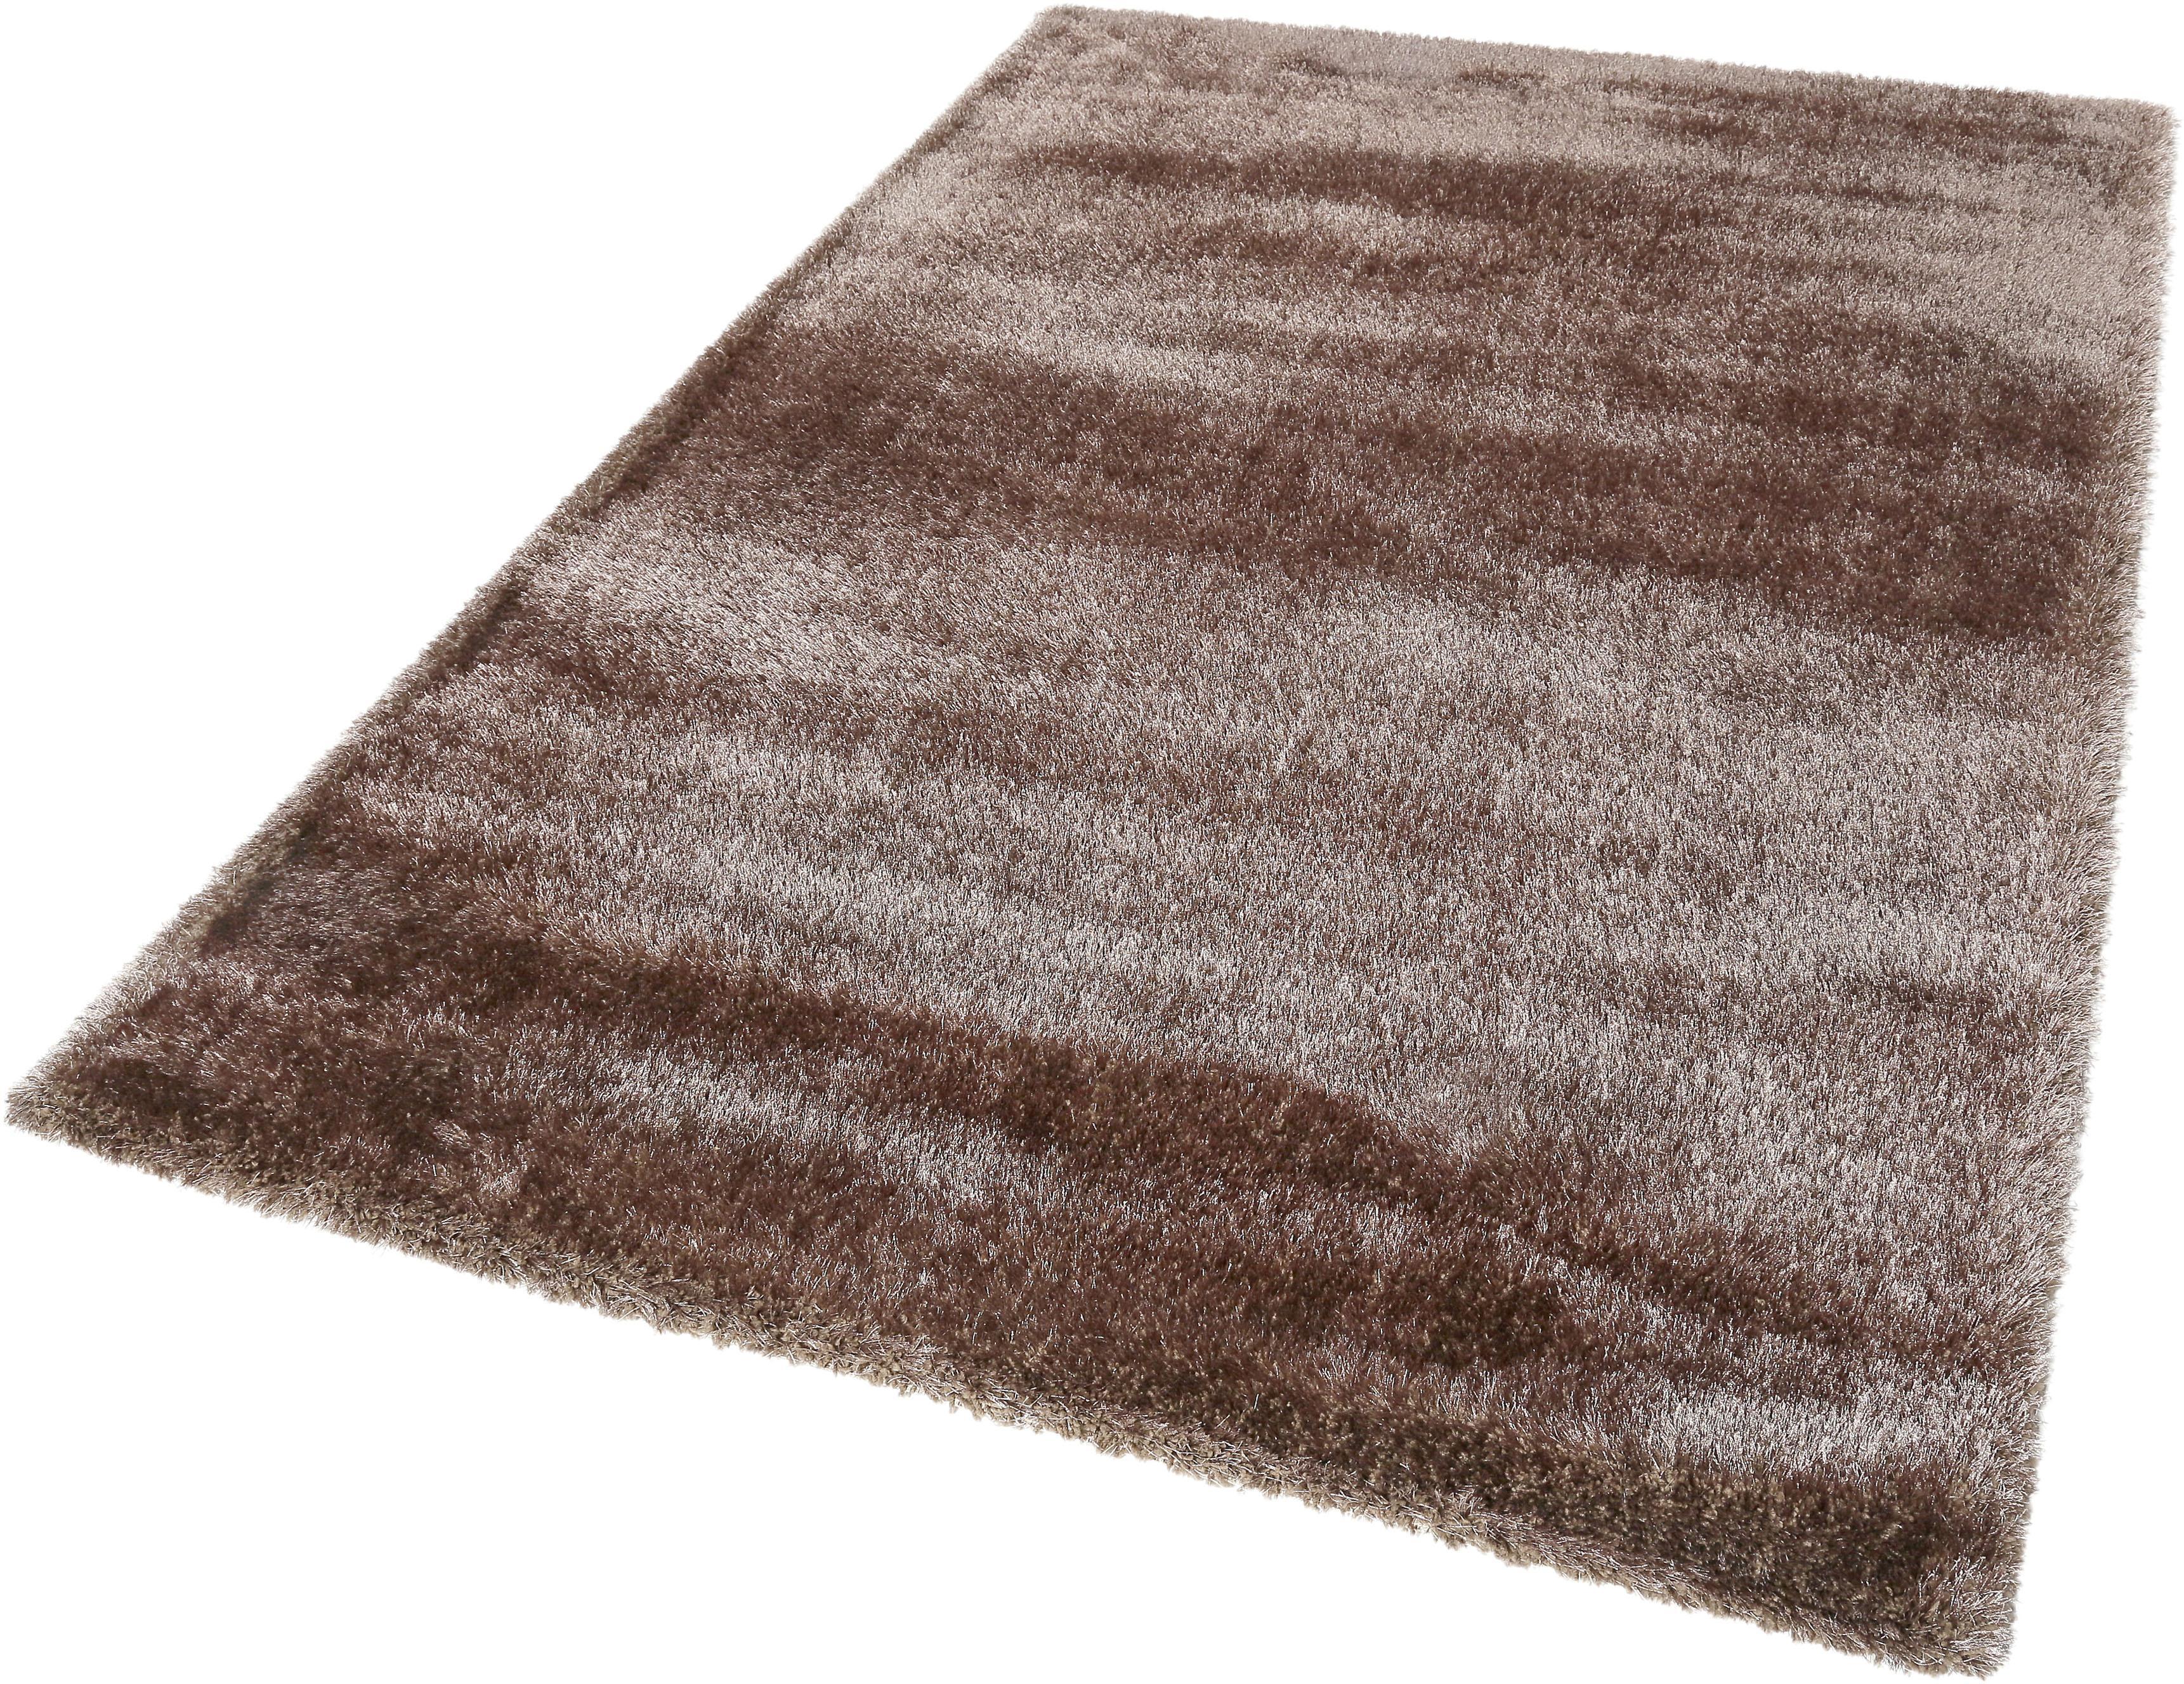 Hochflor-Teppich Spa Esprit rechteckig Höhe 40 mm